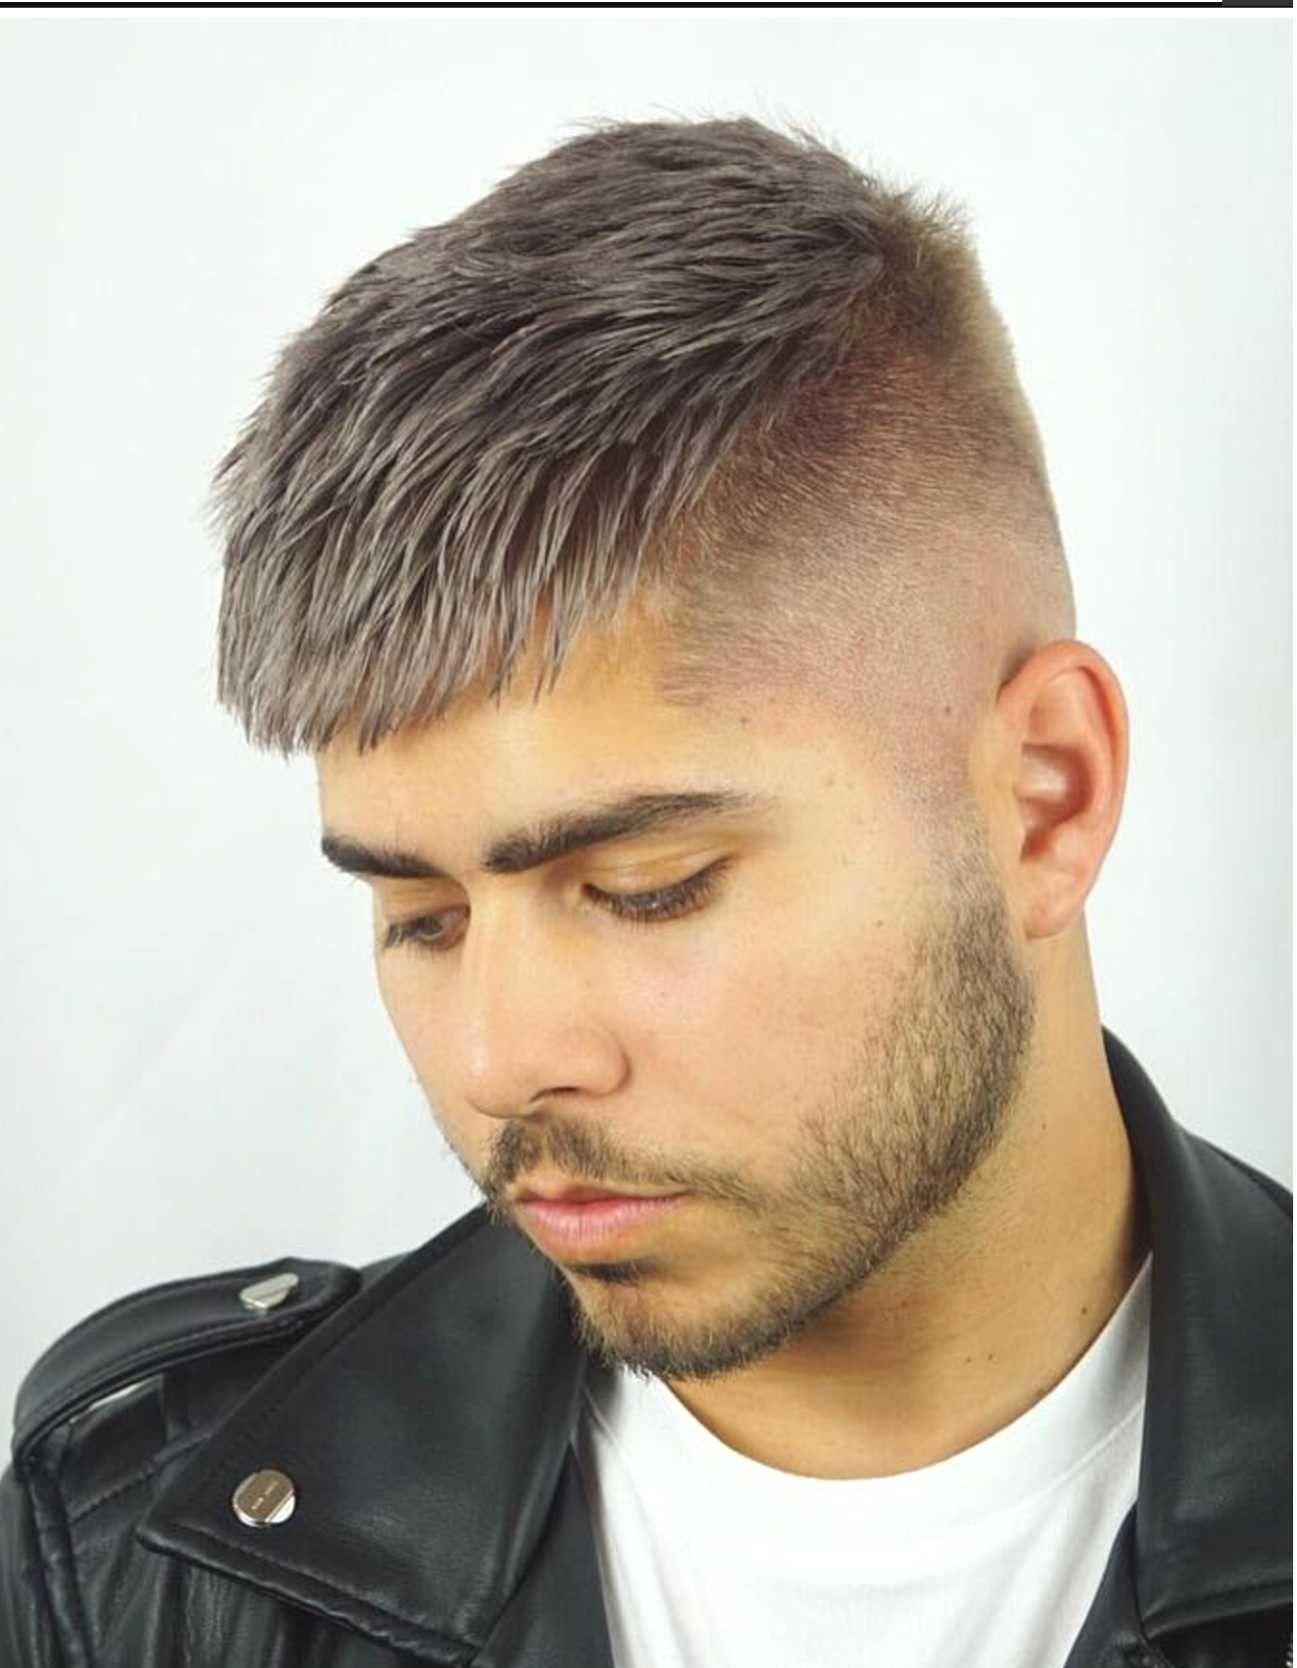 16 Cortes de cabello para hombres futbolistas